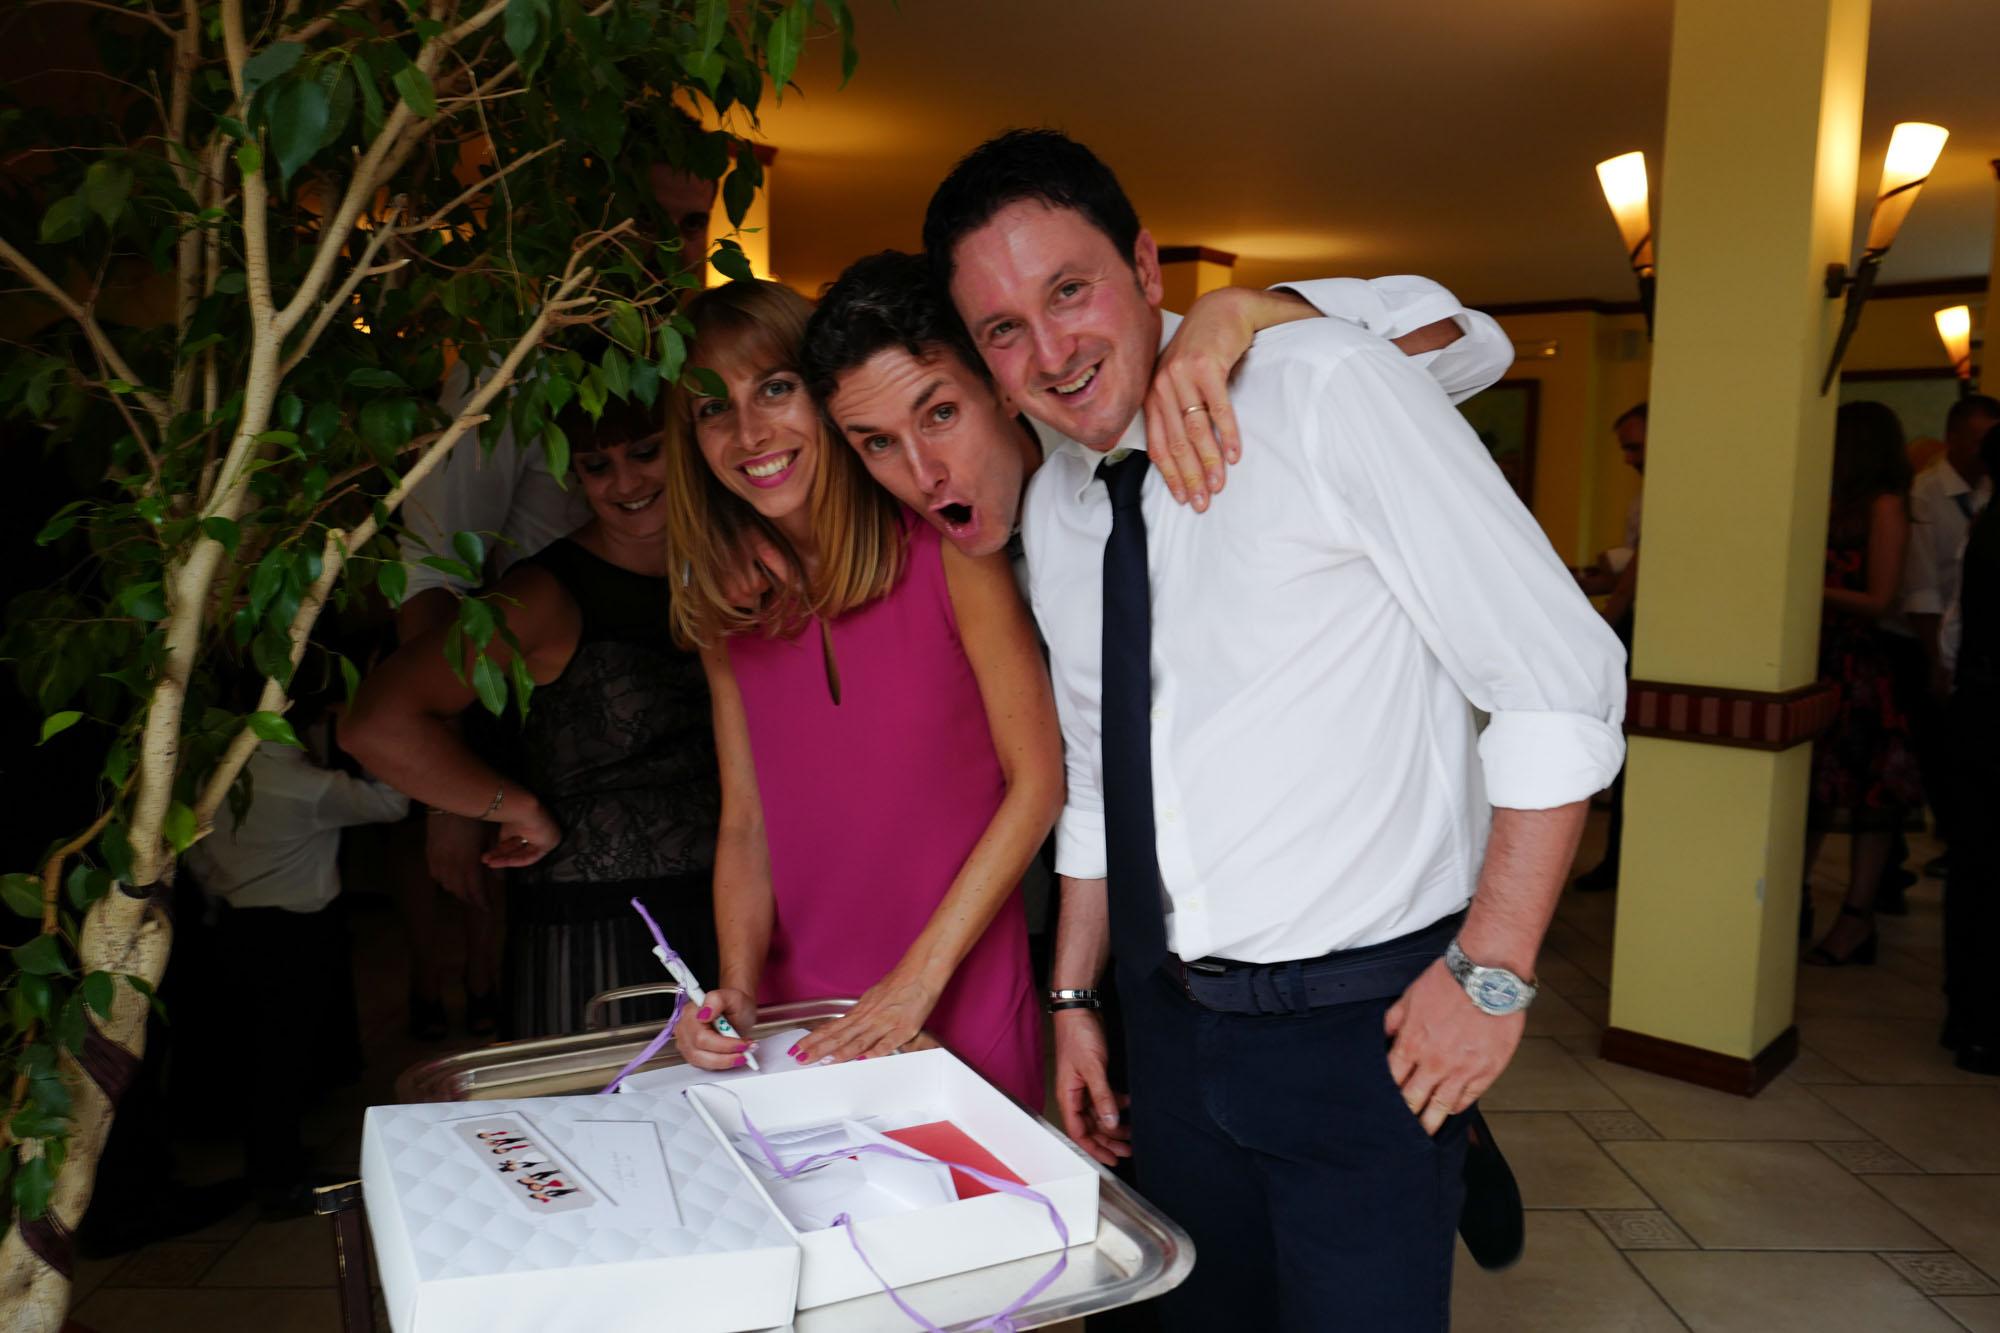 0070_artfoto_torino_fotografomatrimonio_Villa Somis_matrimonio_wedding_L1180420